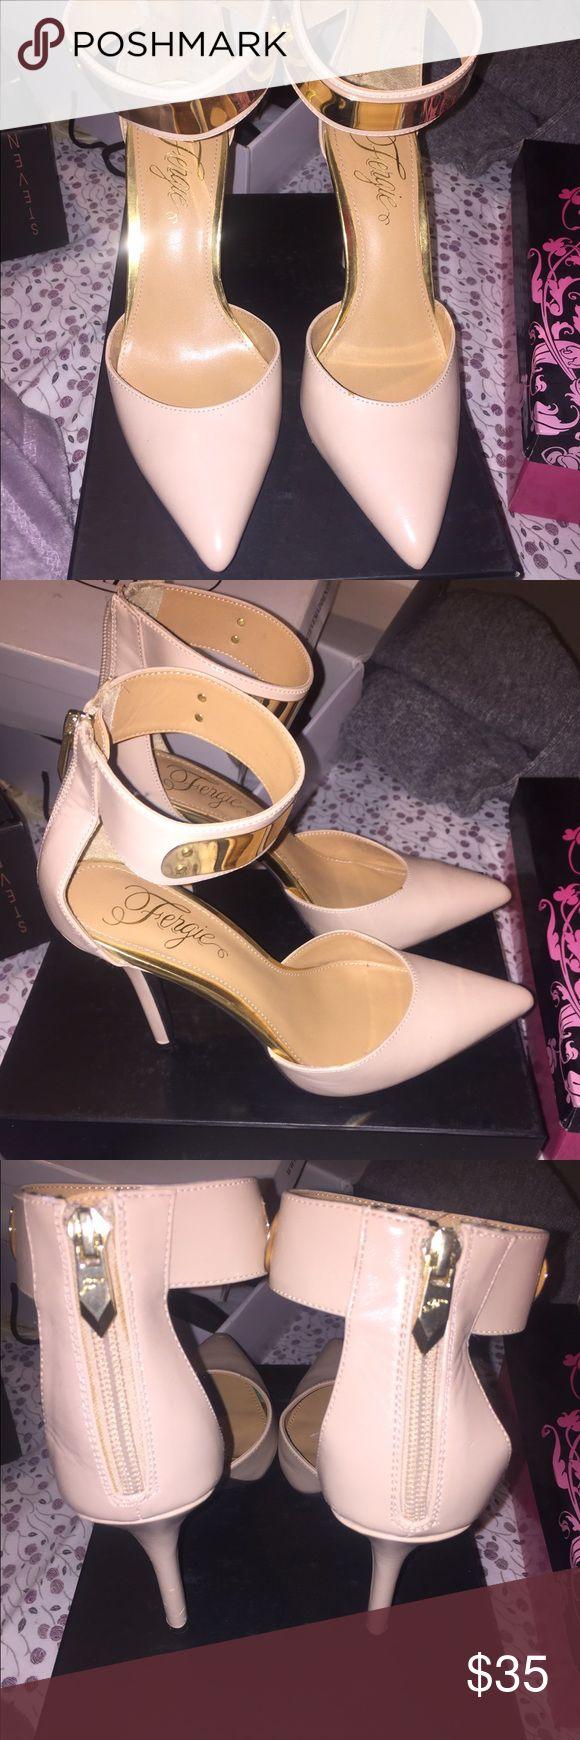 Brand new Fergie heels Never worn Fergie Shoes Heels